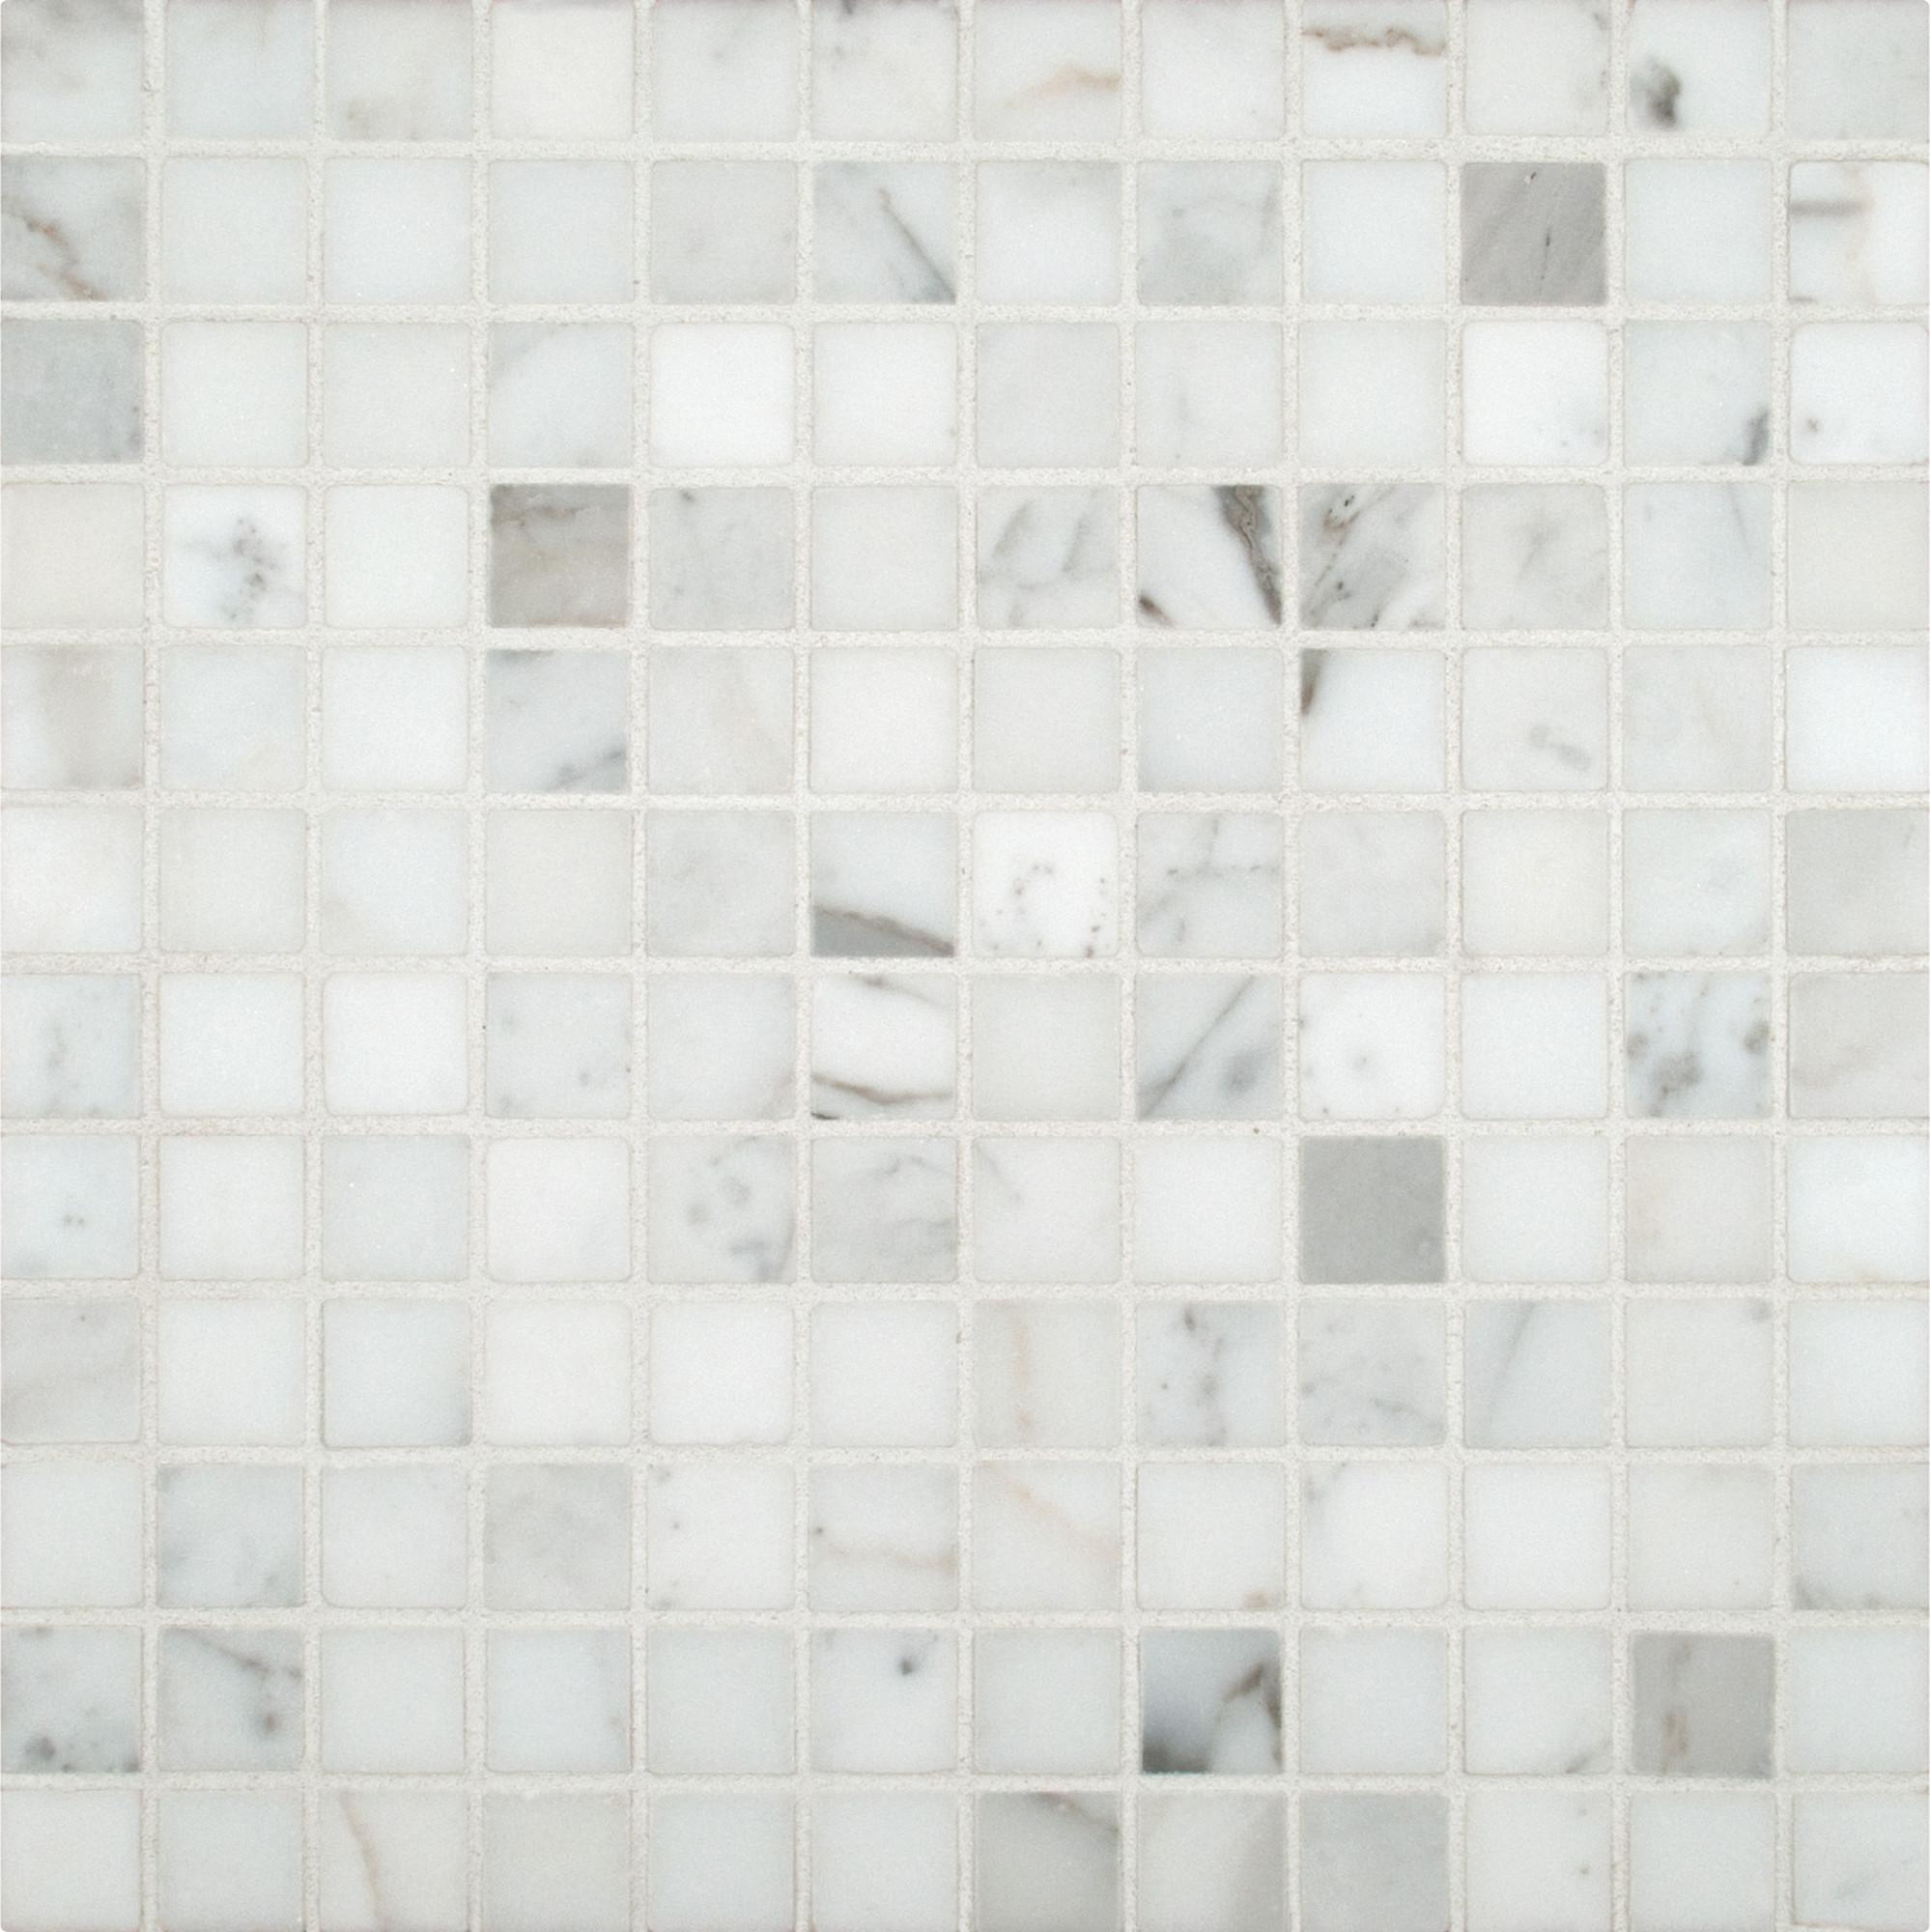 Sample Stainless Steel Carrara White Marble Stone Mosaic: Ottawa Backsplash Tiles Best Of Best. Ottawa Granite